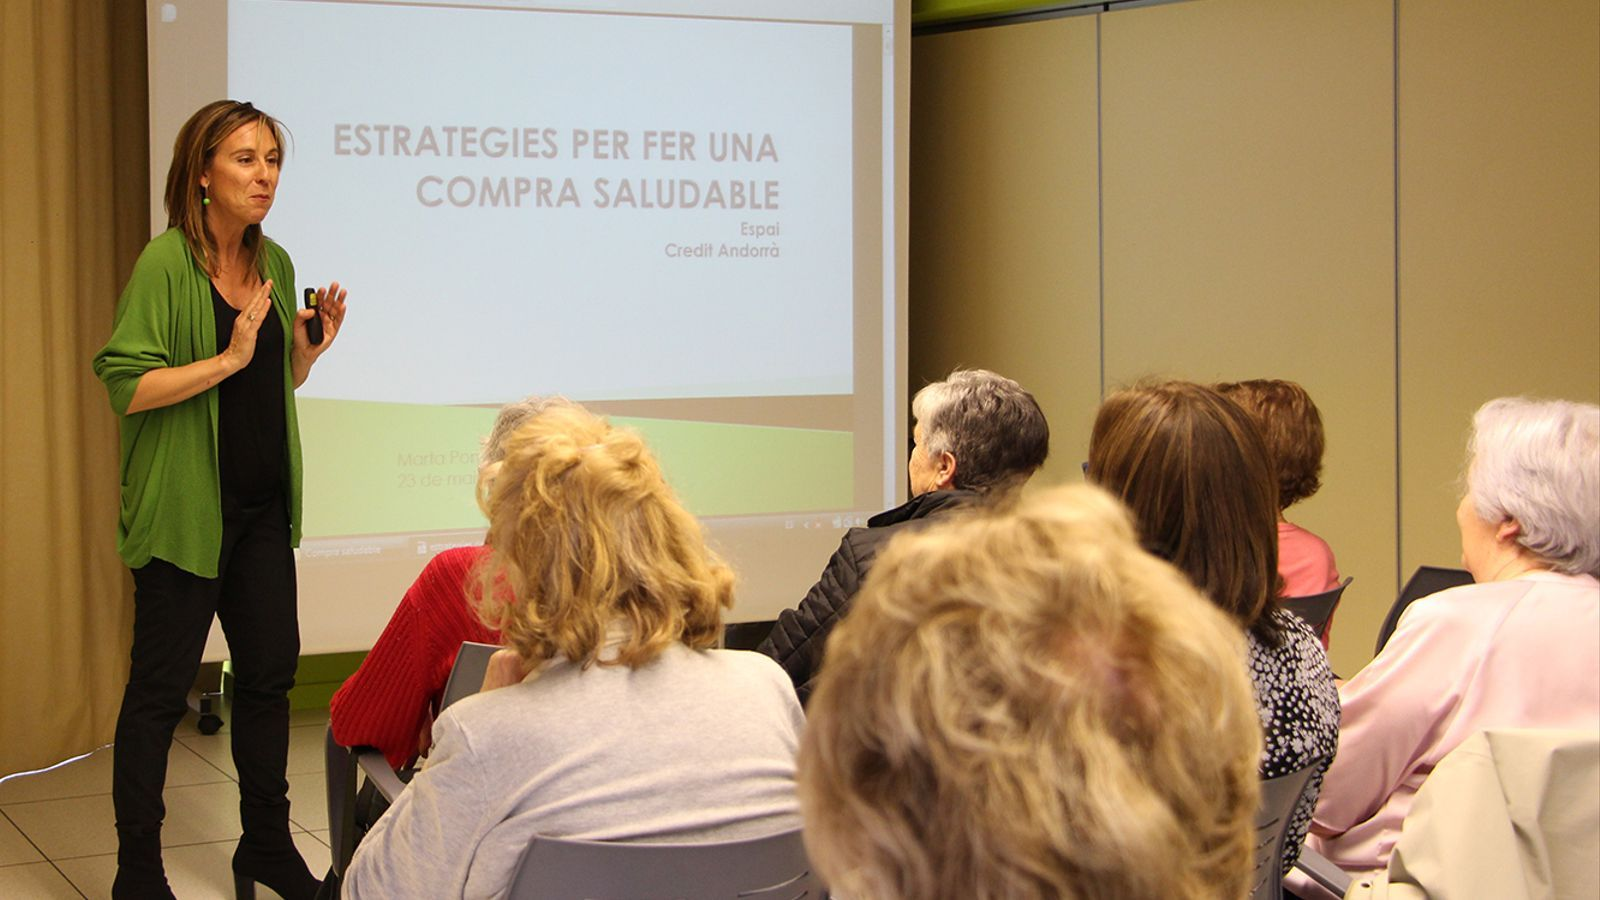 La dietista Marta Pons, durant el taller sobre la compra saludable a L'espai. / M. F. (ANA)